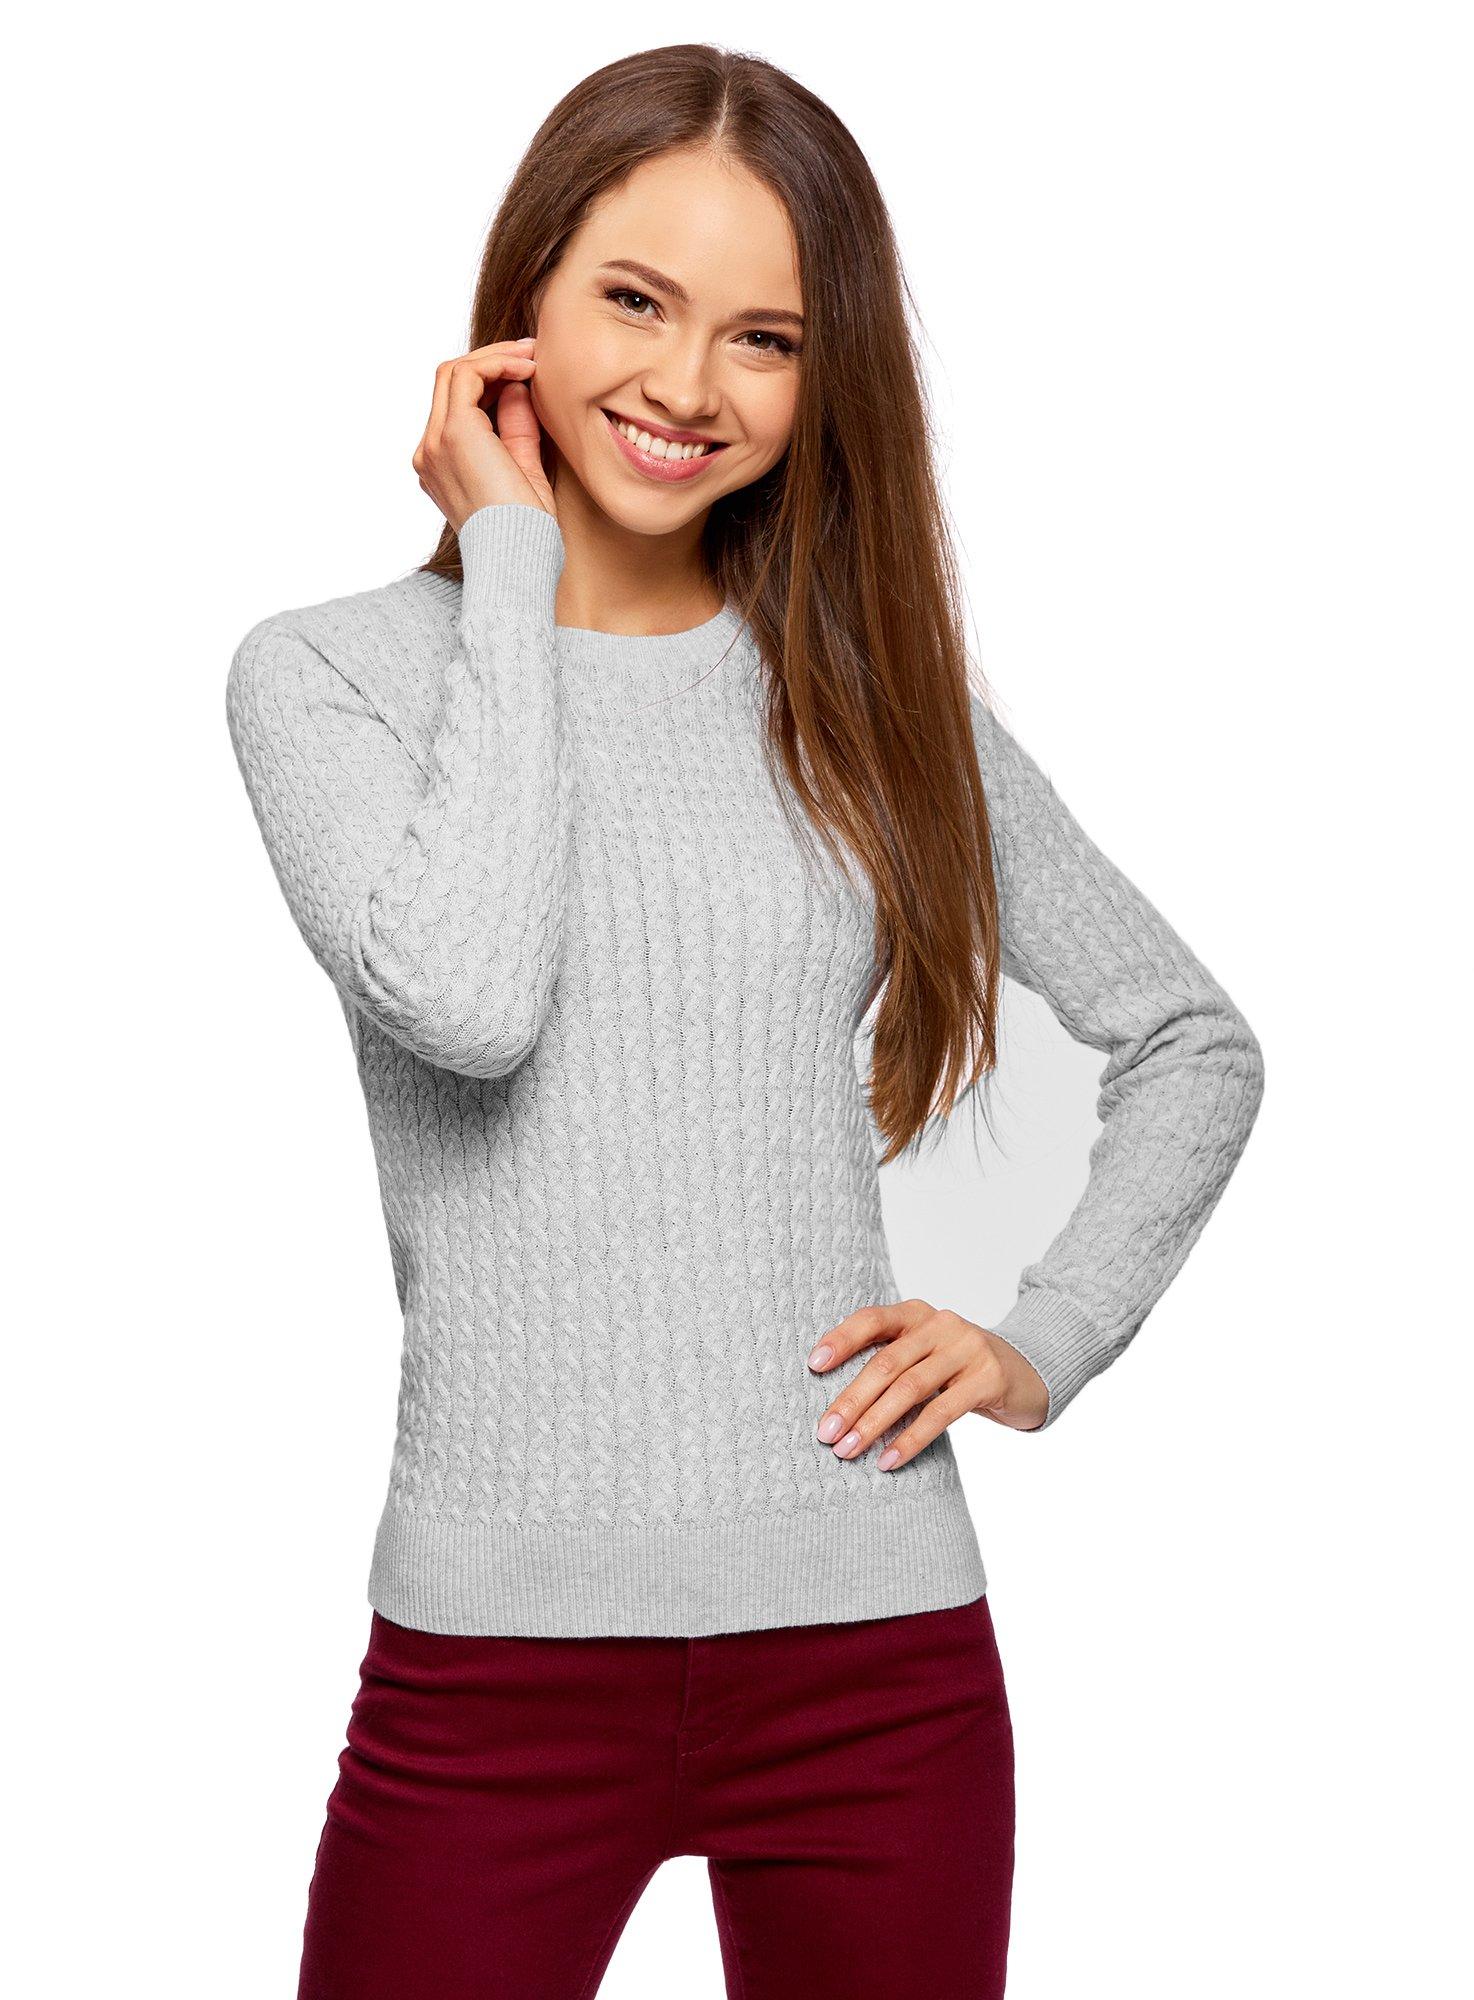 oodji Collection Mujer Jersey de Punto Texturizado con Trenzas Pequeñas product image